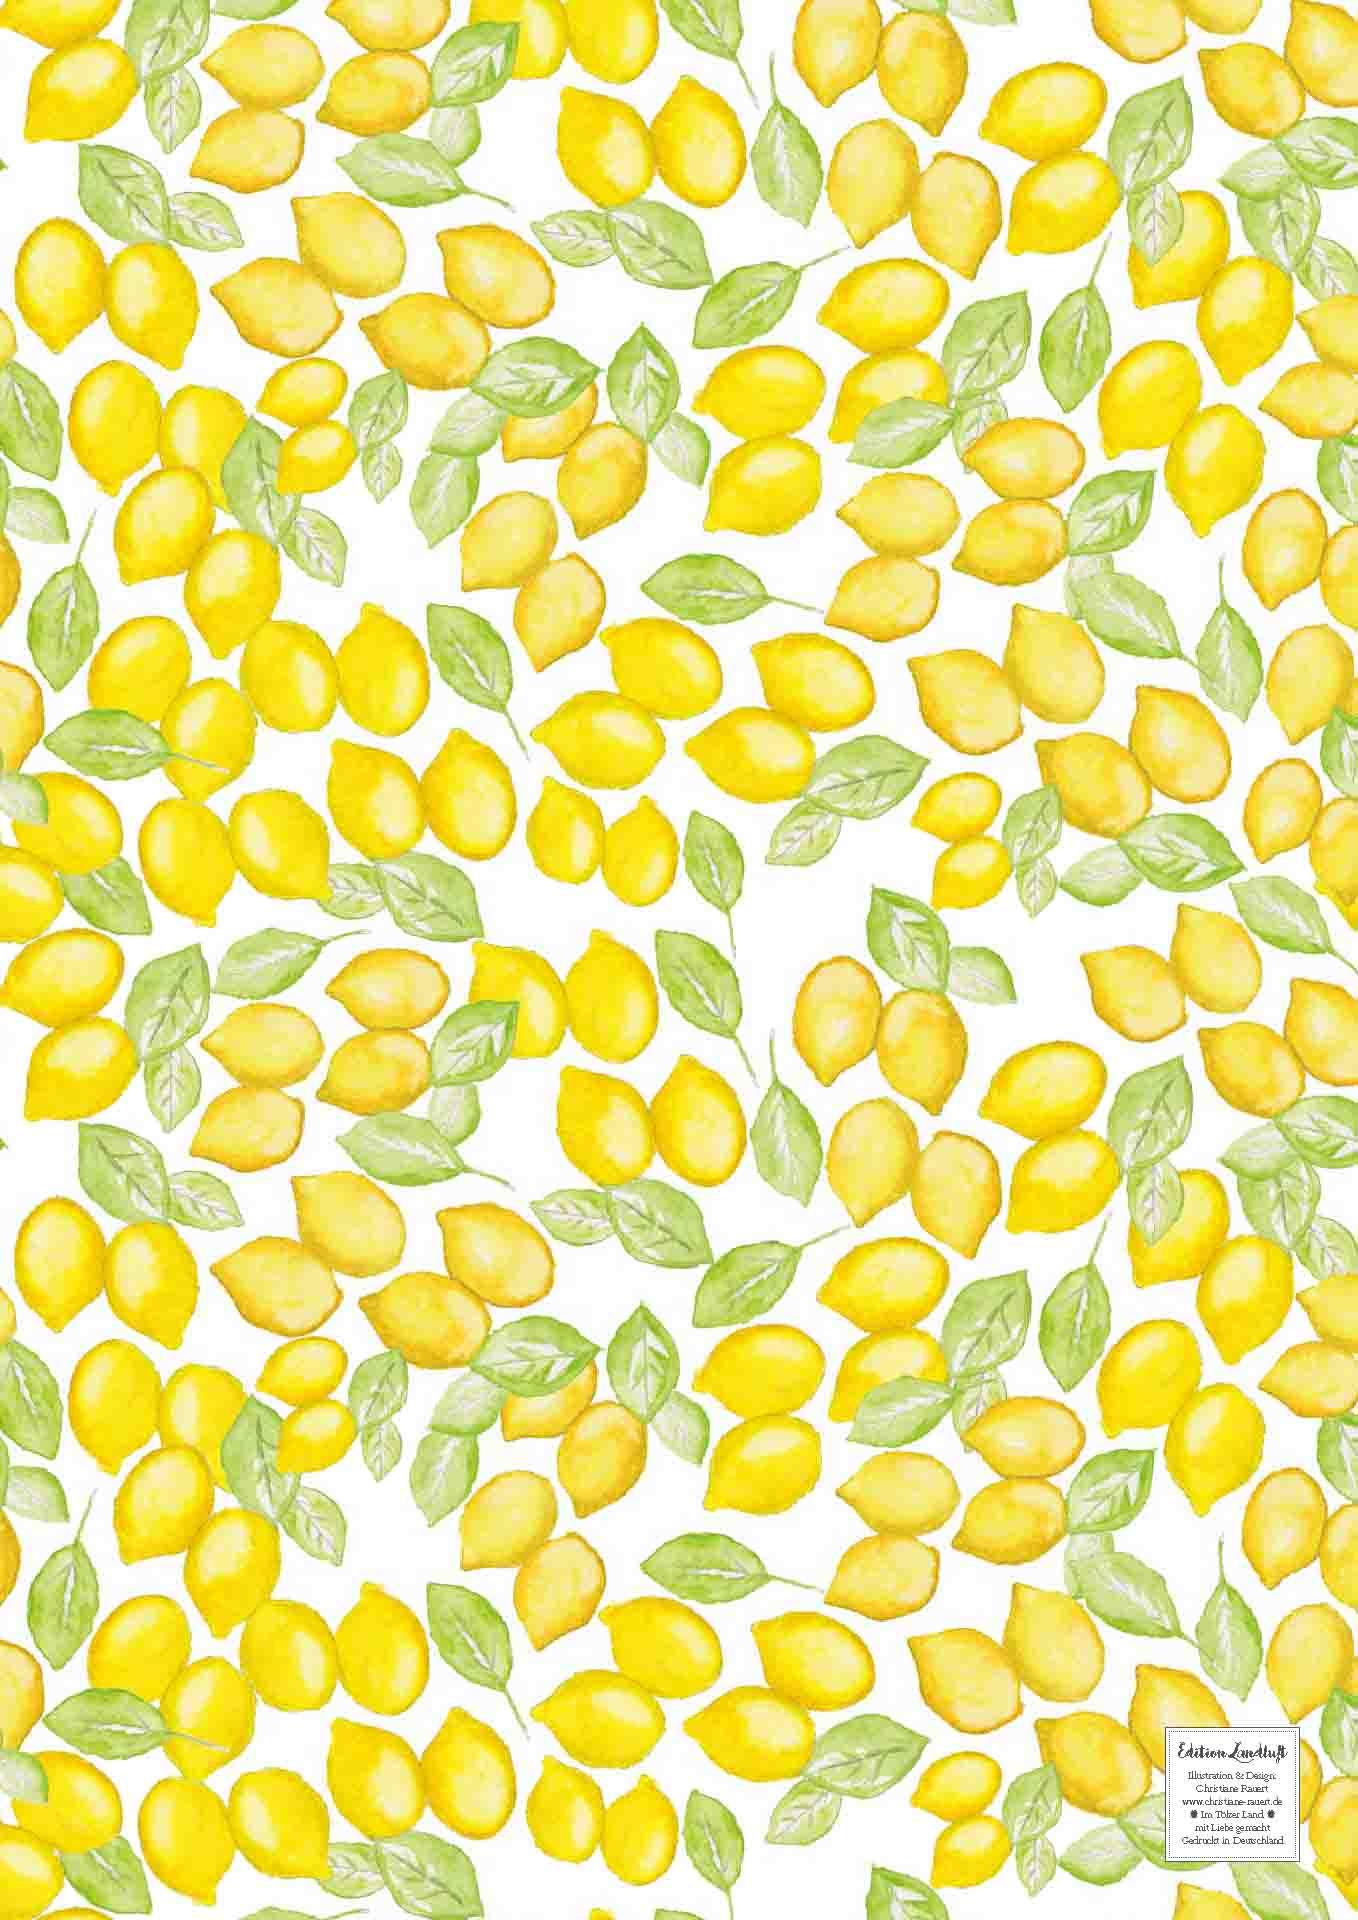 Dessins, Surface-Pattern, Geschenkpapiere, Papeterie, Textilien, 2020